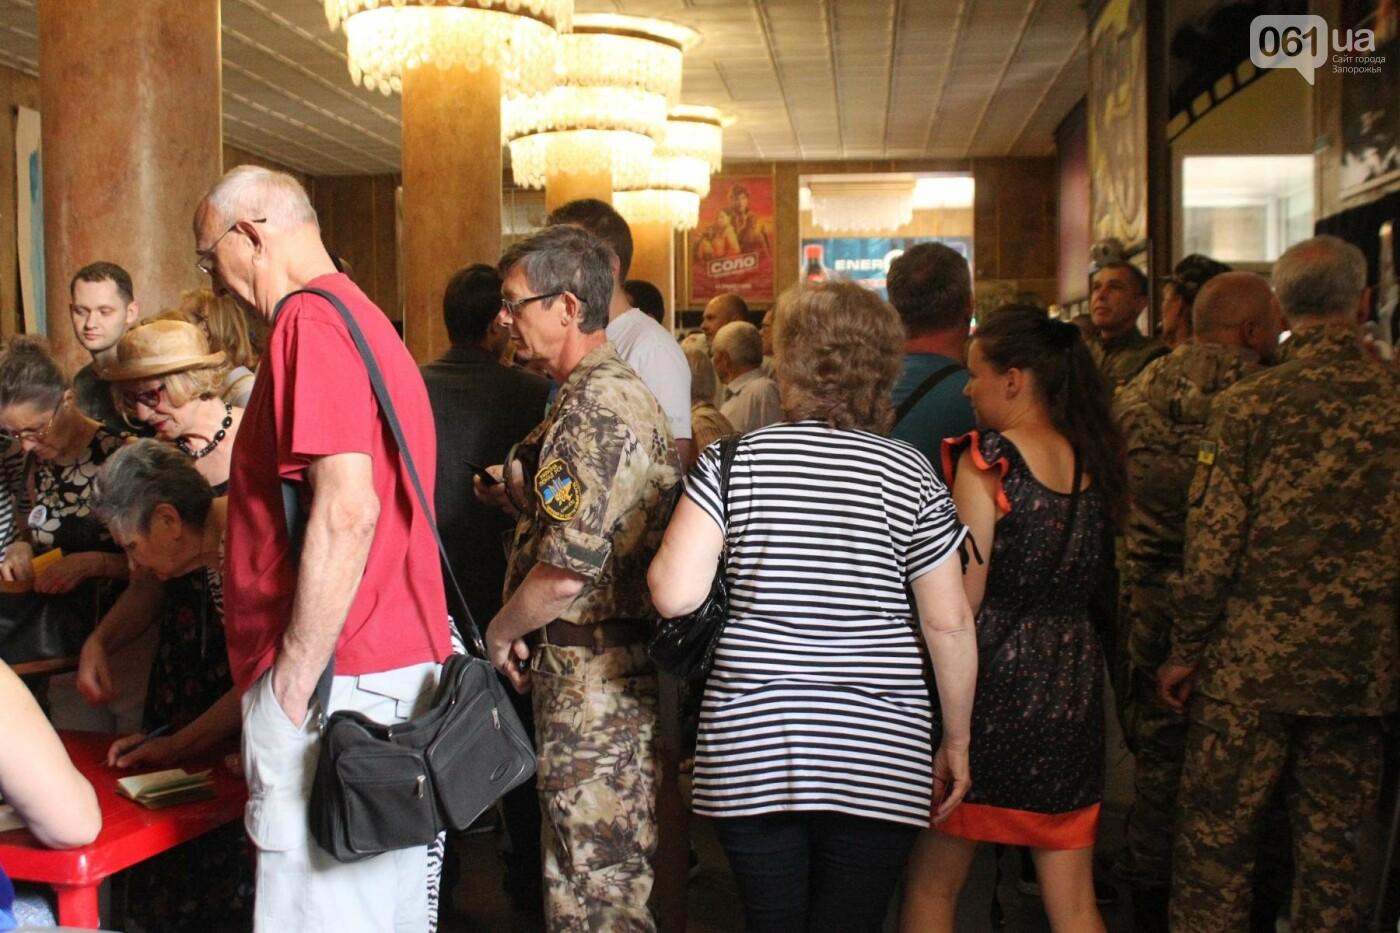 Как прошли общественные слушания о застройке сквера Яланского, – ФОТОРЕПОРТАЖ, фото-8